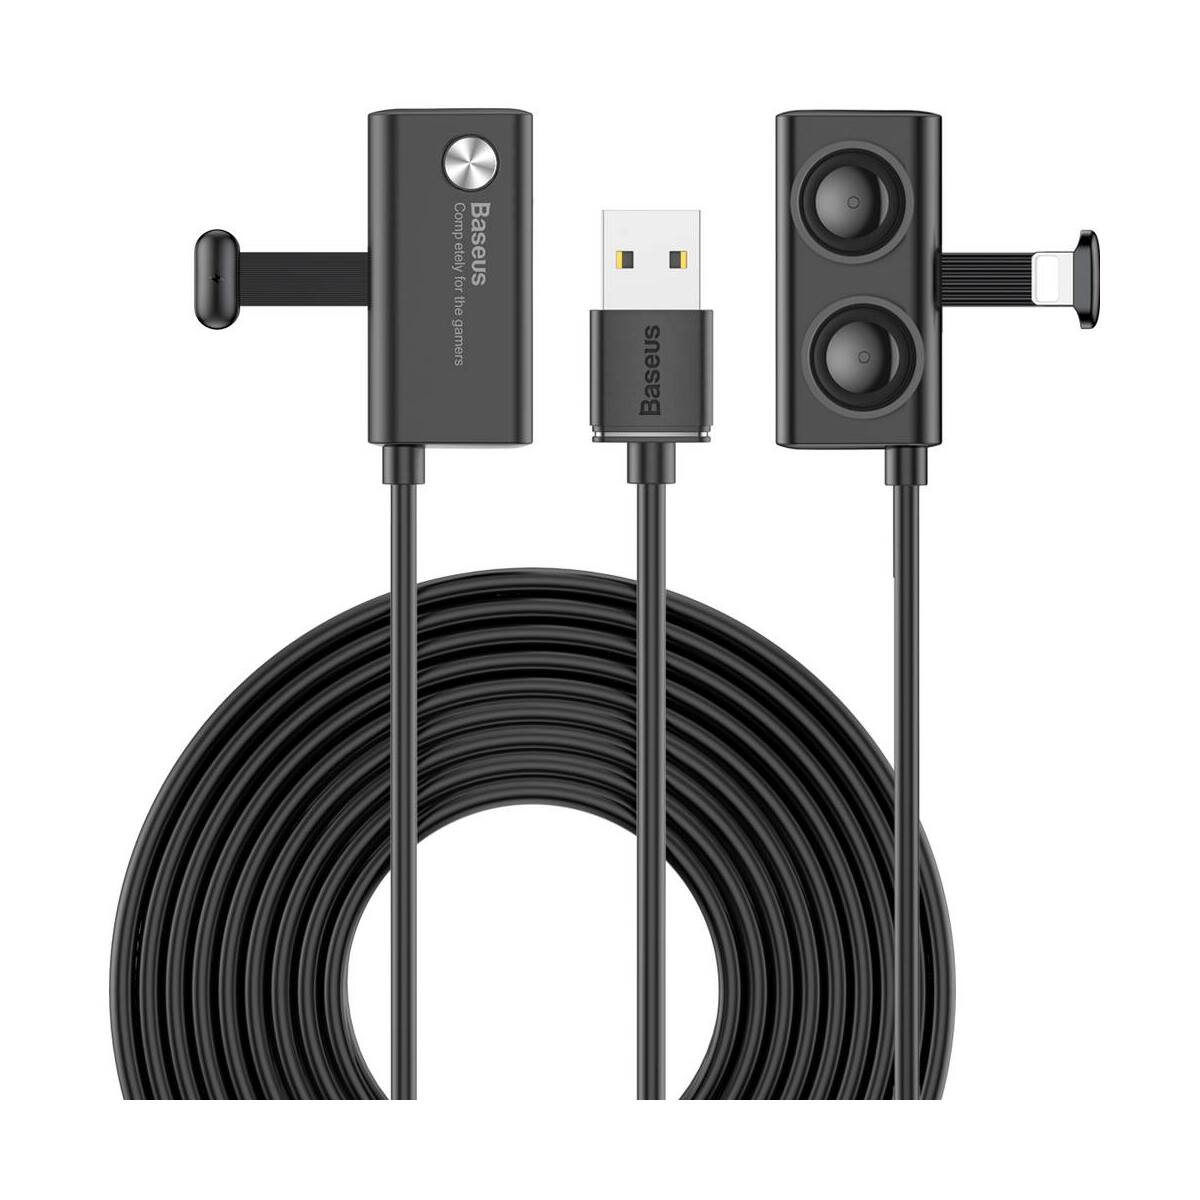 Baseus Lightning kábel, Suction Cup Mobile Games, tapadókoronggal fixálható, mini csatlakozó, 1.5A, 3m, fekete (CALXP-E01)